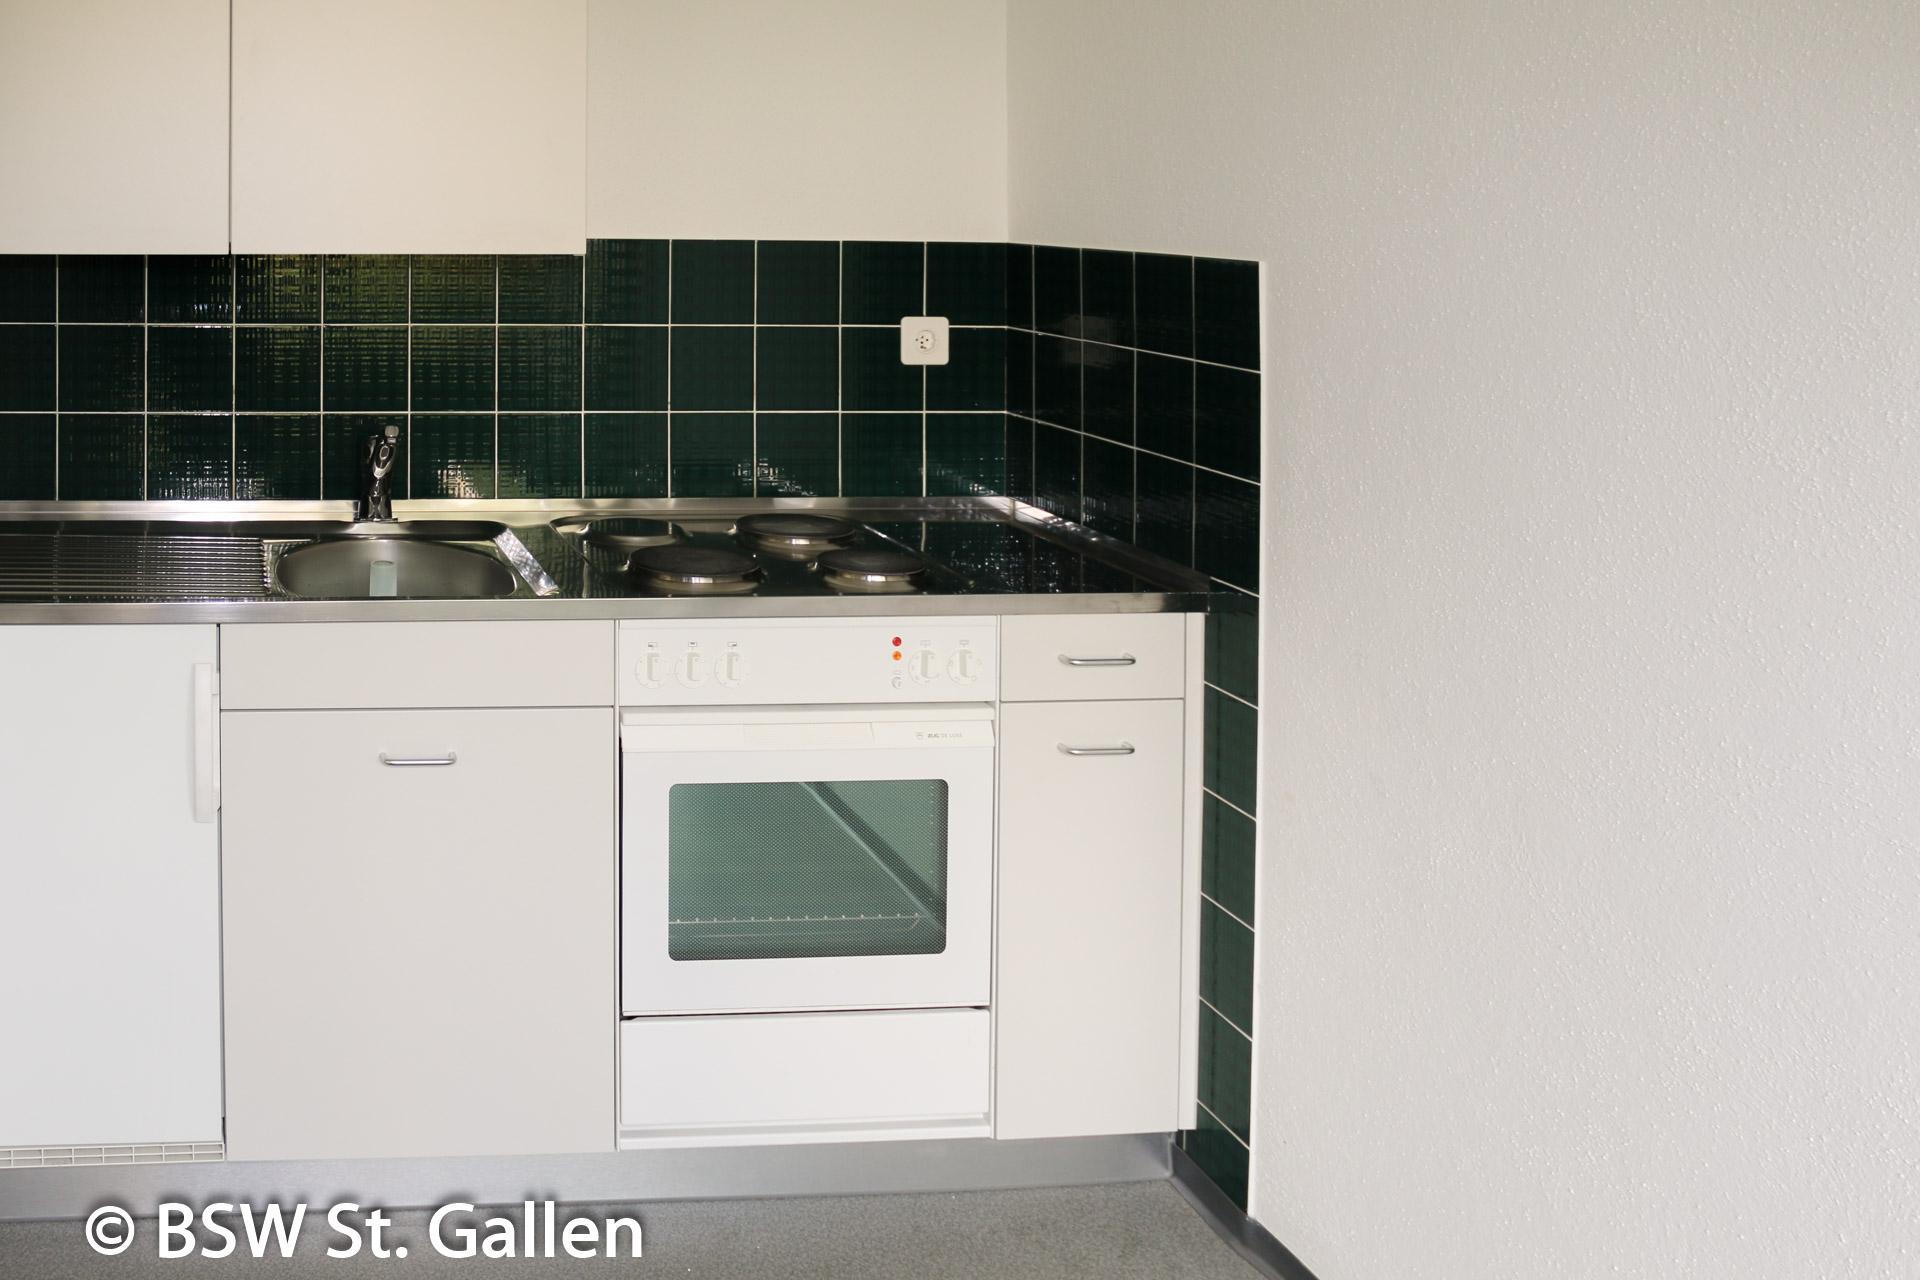 Wohnung zum Mieten: Kanton St. Gallen | 1 - 1.5 Zimmer